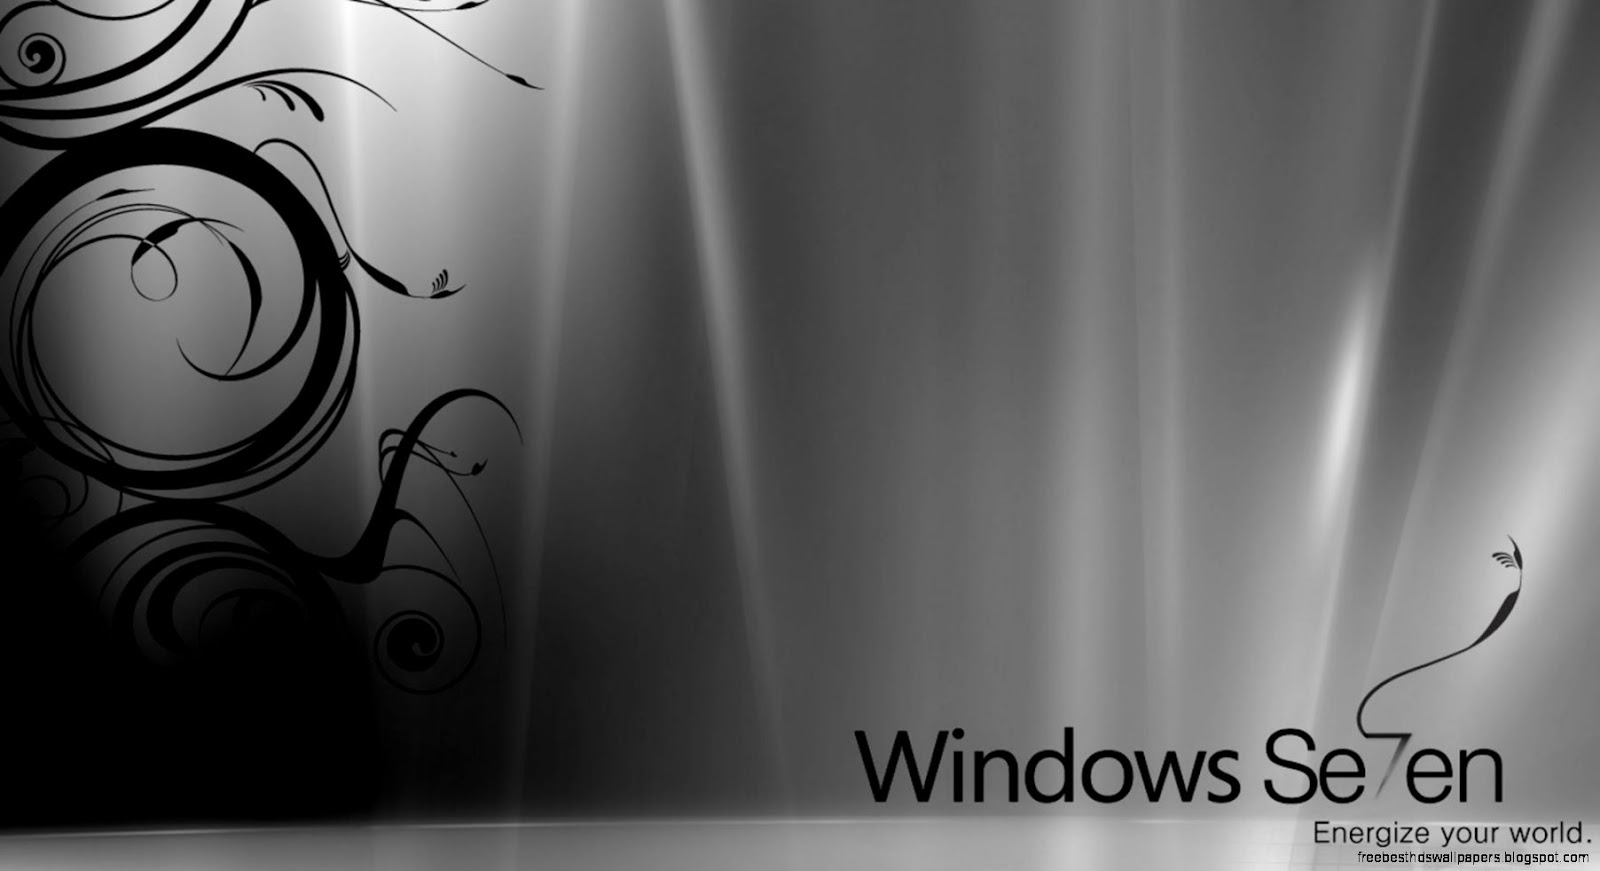 windows 7 wallpaper hd 1080p | free best hd wallpapers